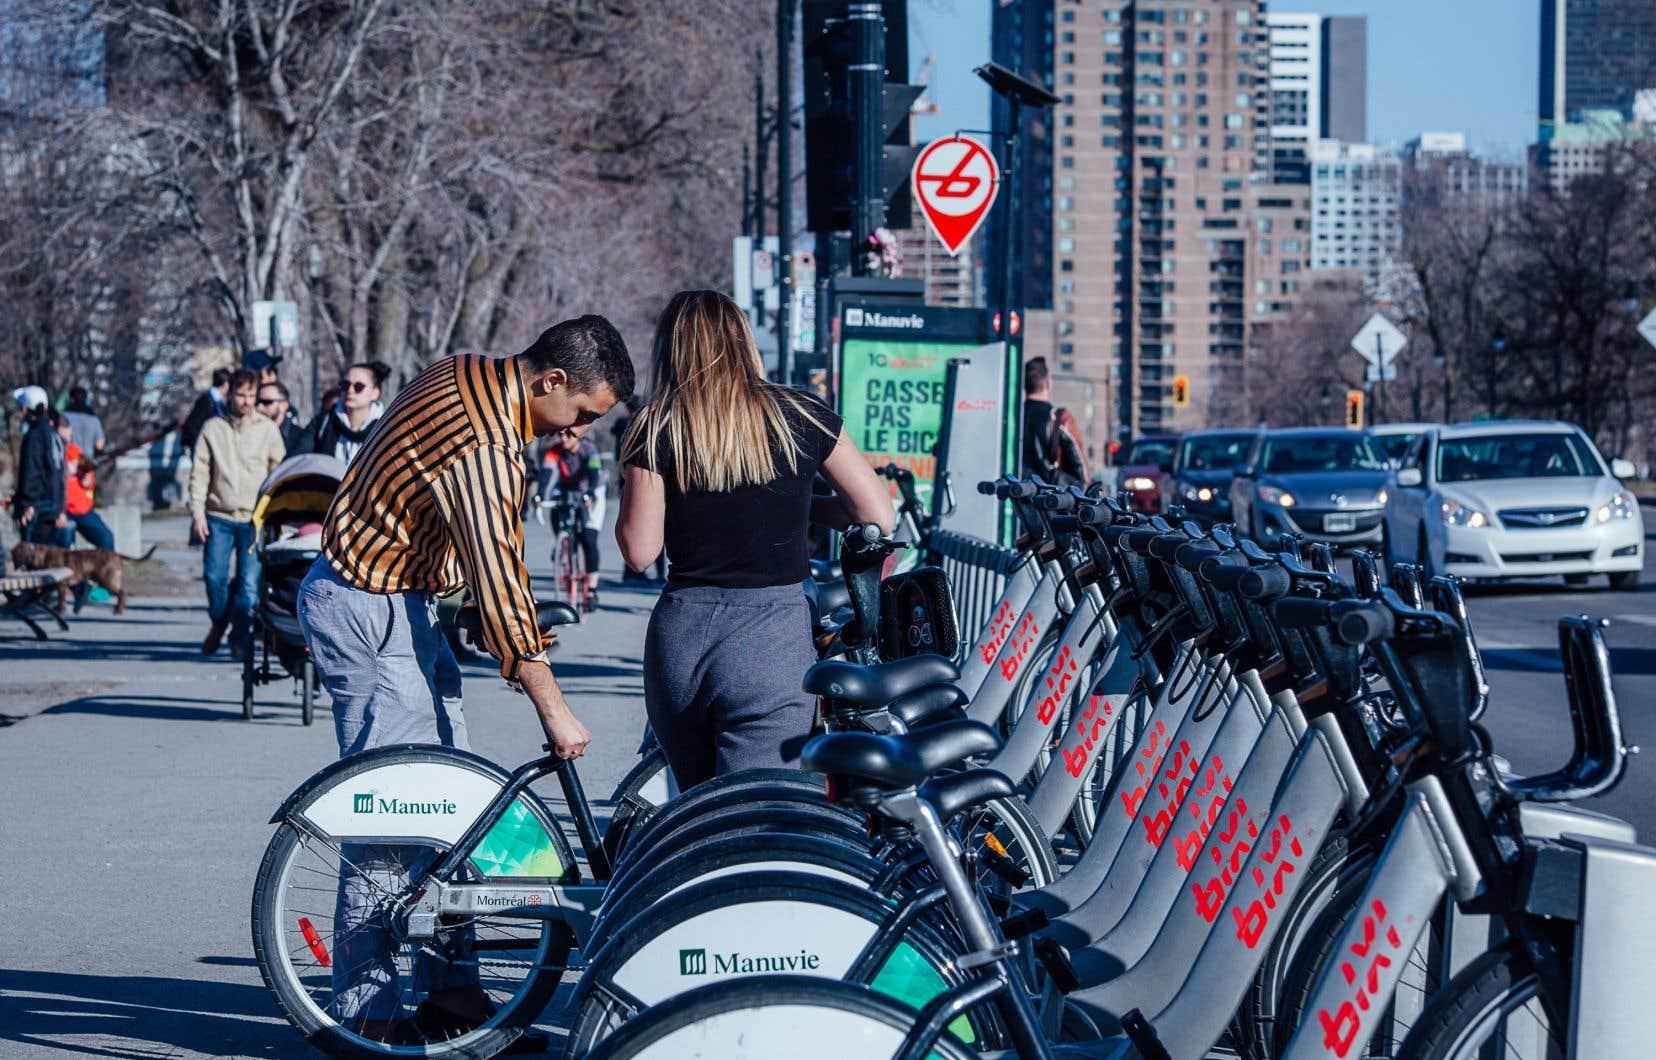 Un investissement permettra à BIXI Montréal de faire l'acquisition de 1000 vélos supplémentaires, en plus de pouvoir ajouter une soixantaine de nouvelles stations aux quatre coins de l'île.